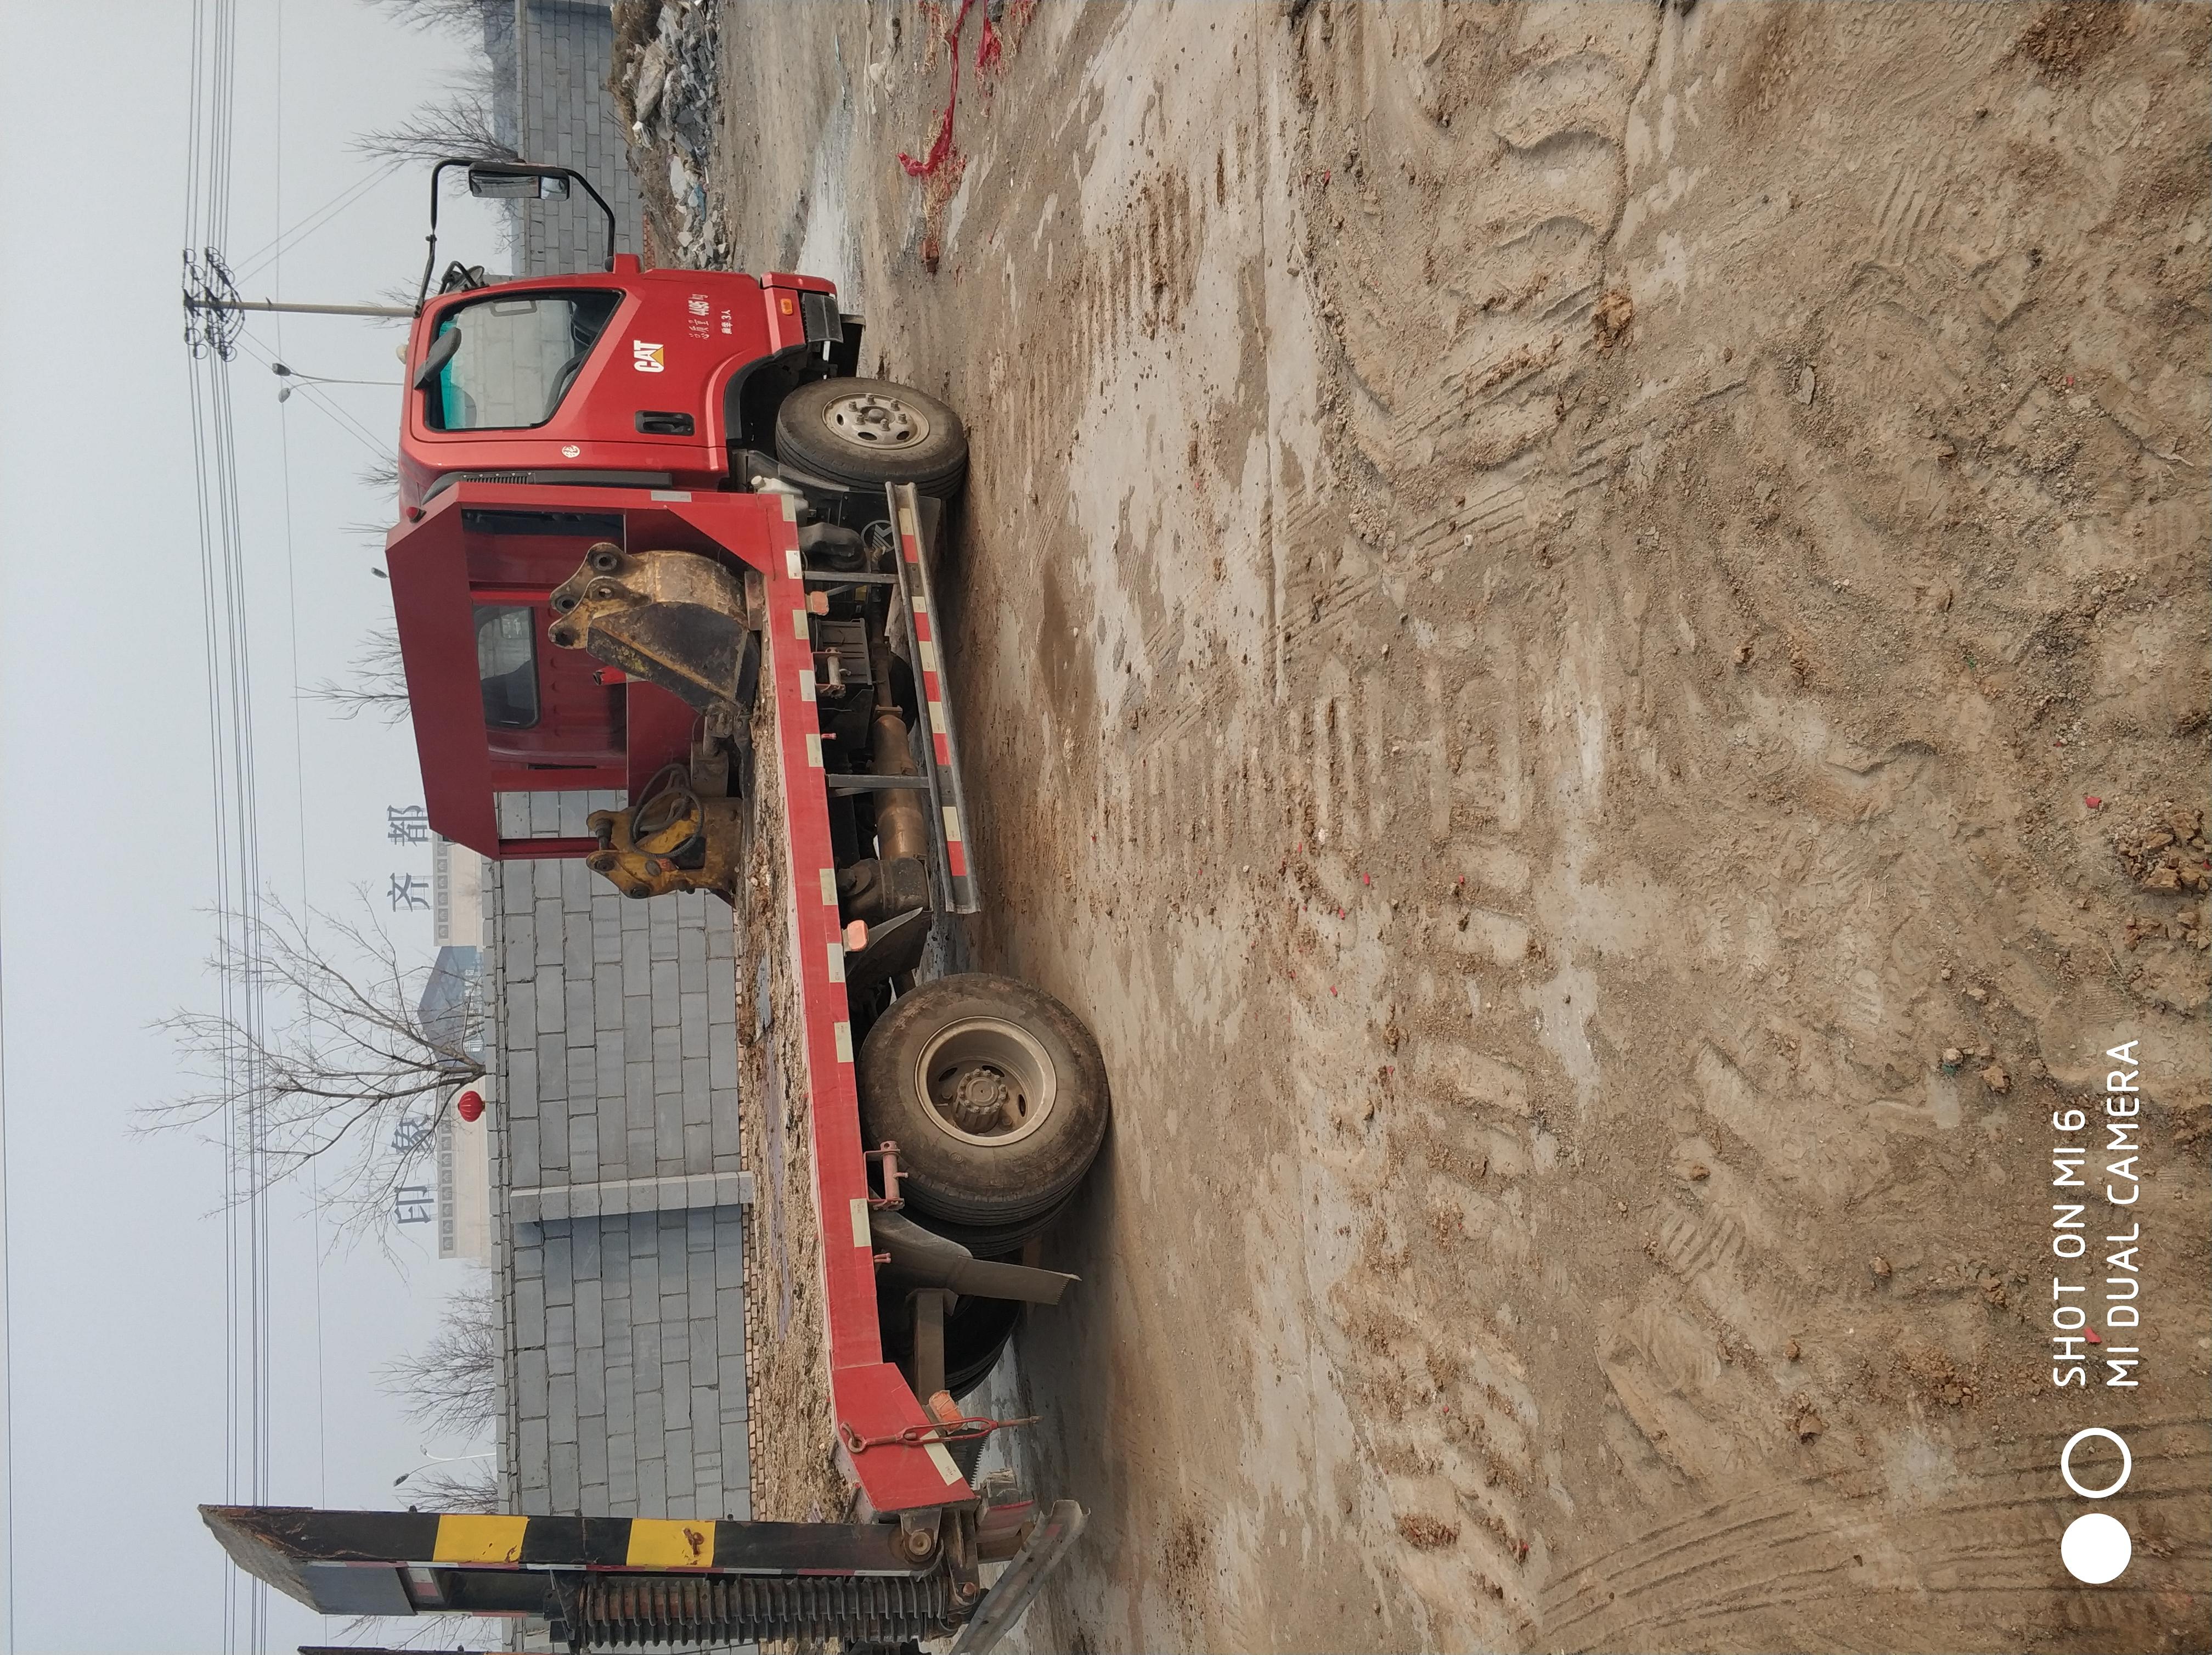 【我要上头条】进城利器 小挖伴侣--蓝牌拖车1年使用报告